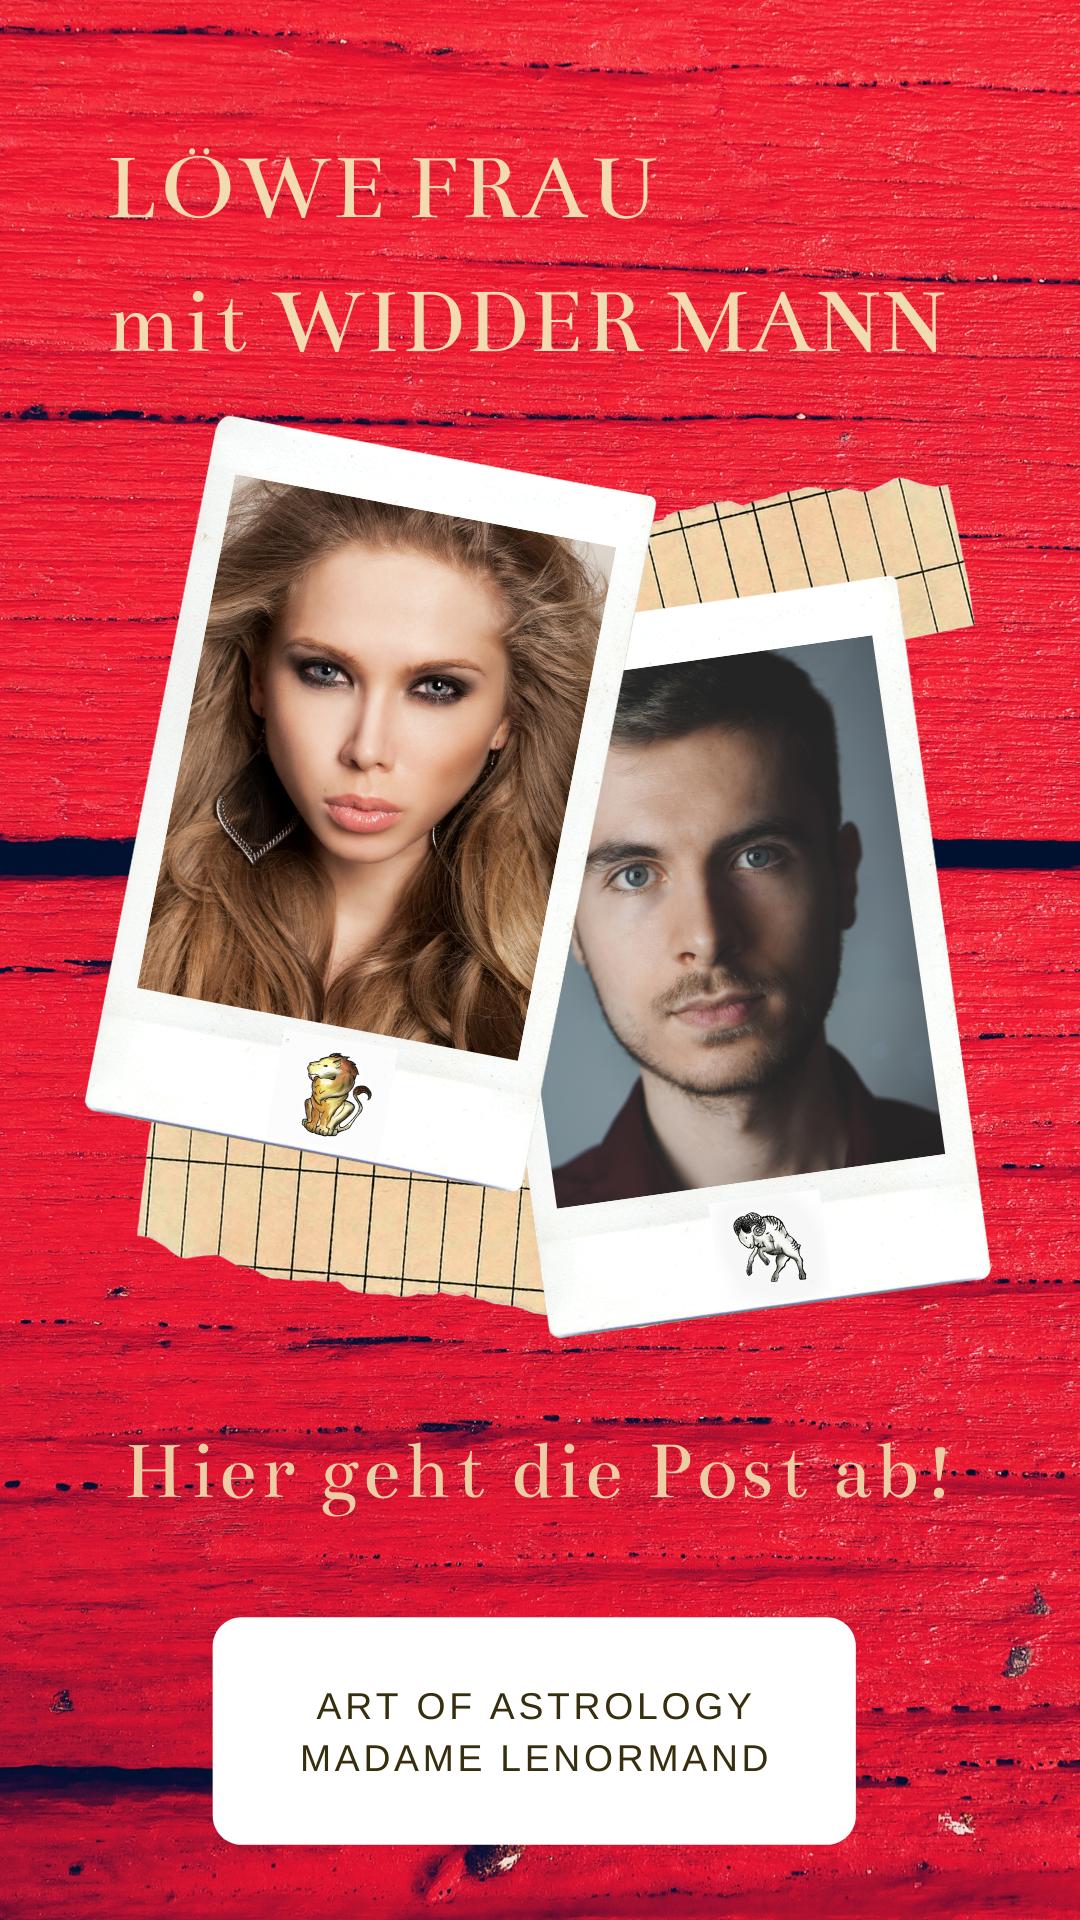 Widder-Mann & Löwe-Frau Liebe und Partnerschaft | Löwe